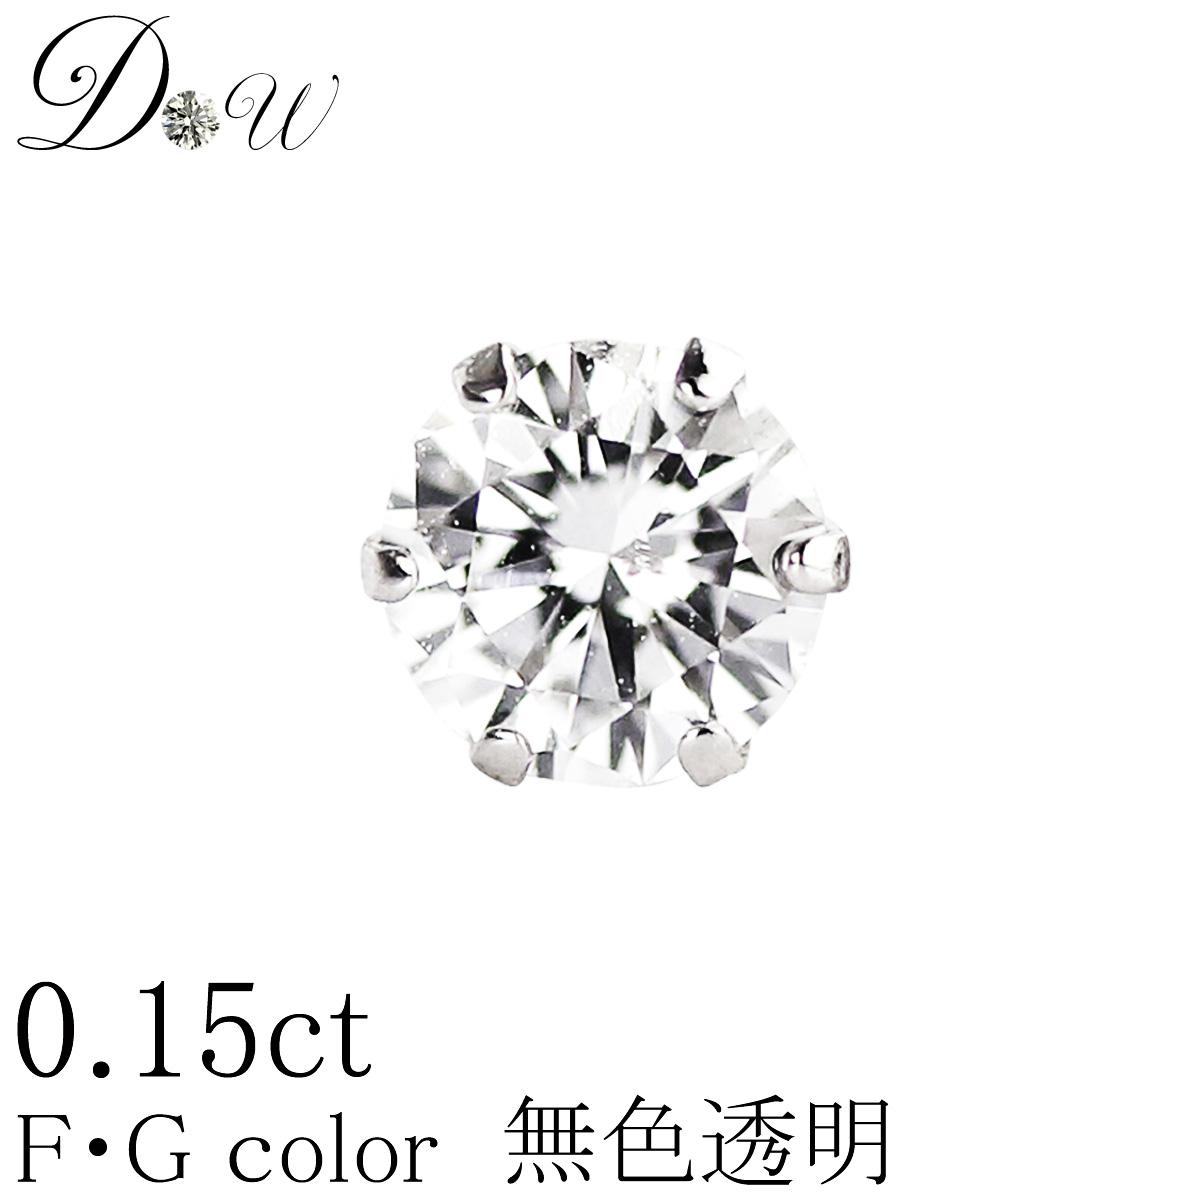 6669c87e240e9 One 0.15ct one ear diamond pierced earrings unisex platinum for  PT900/K18/K18PG natural diamond pierced earrings 0.15ct one ear